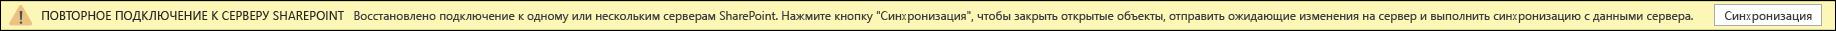 Нажмите кнопку синхронизировать, чтобы подключиться к серверу SharePoint.